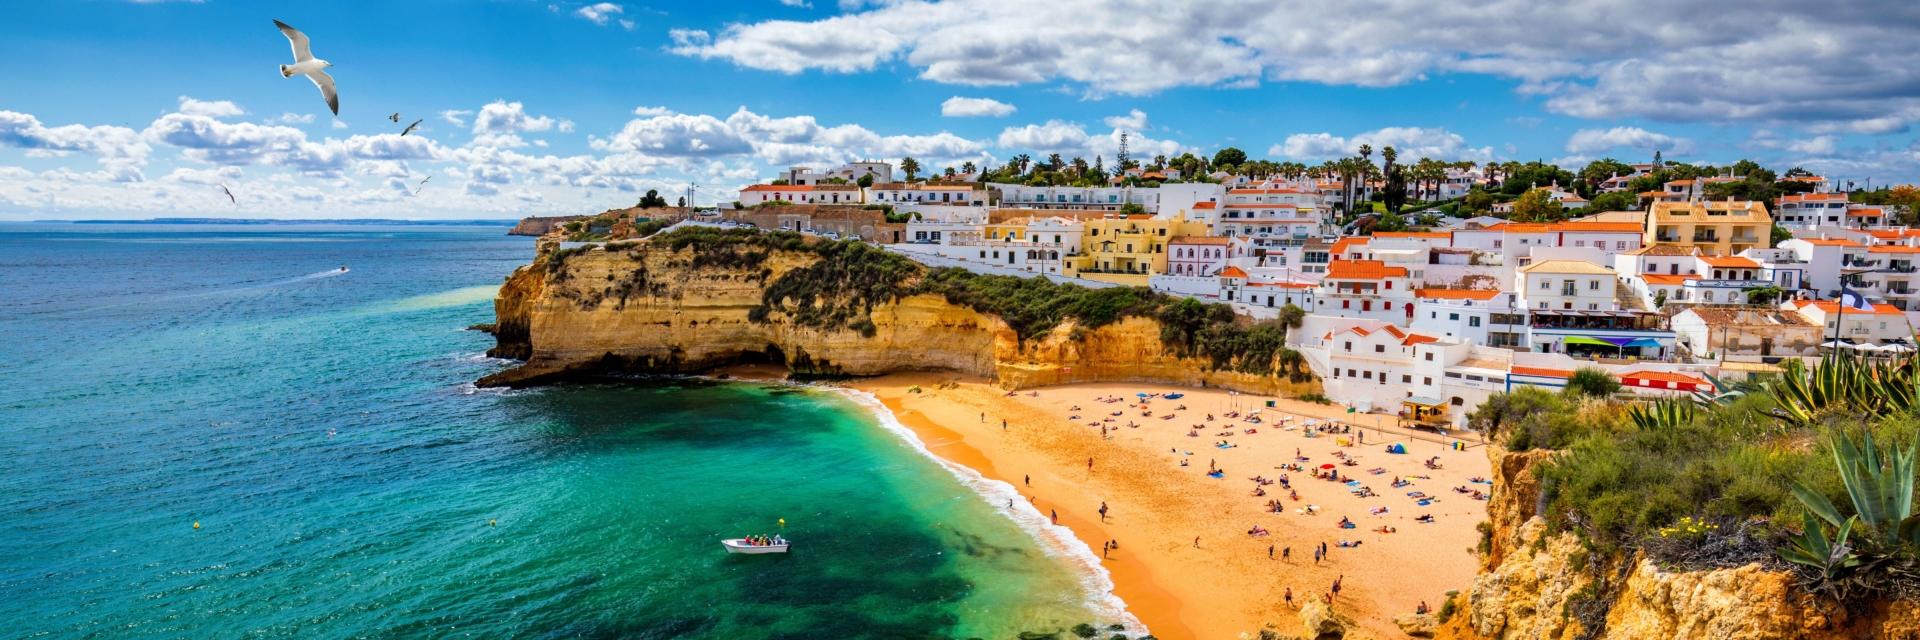 Plage de Carvoeiro - Algarve